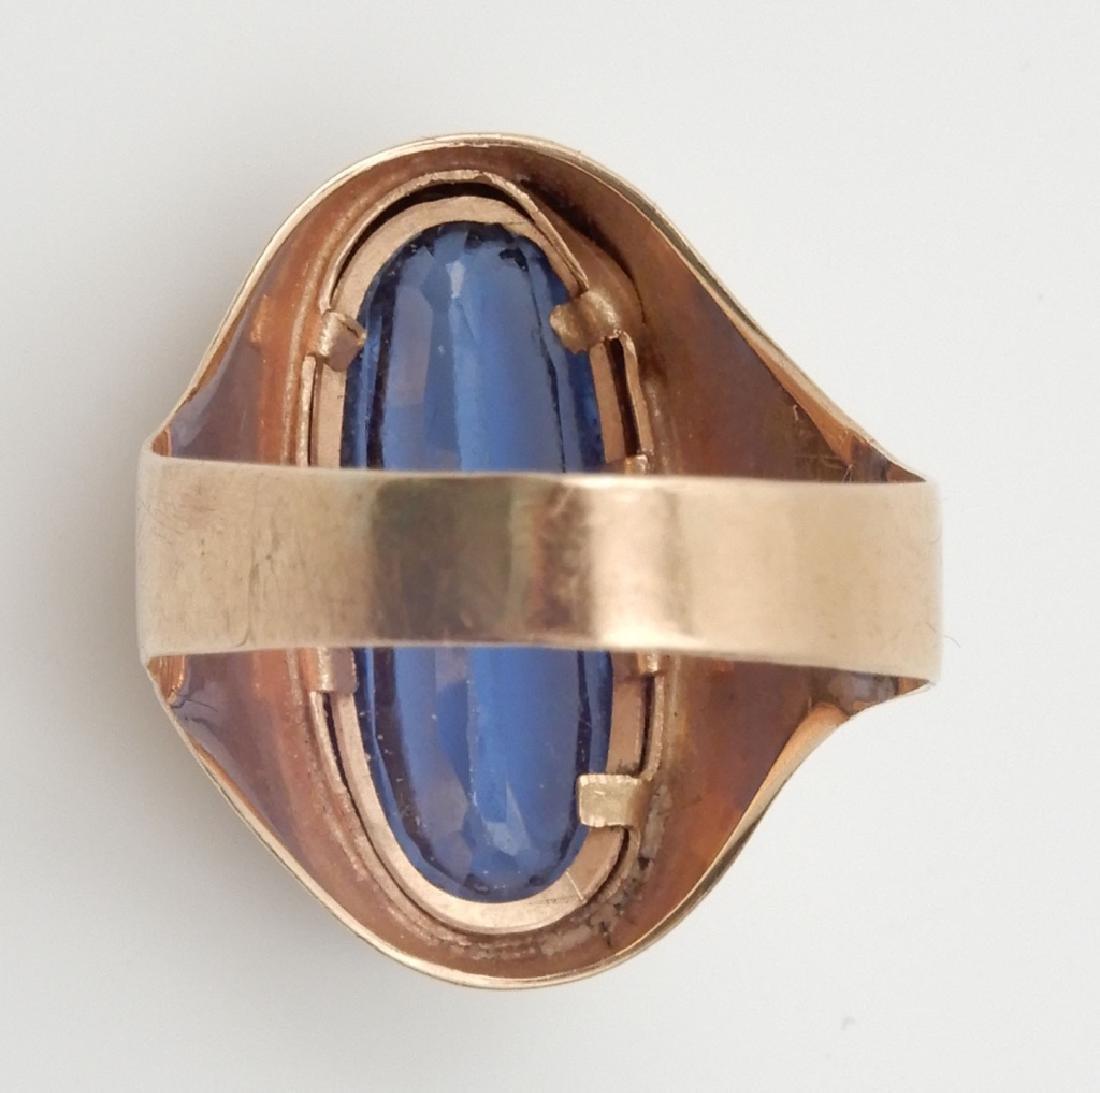 18k gold London blue topaz ring - 3